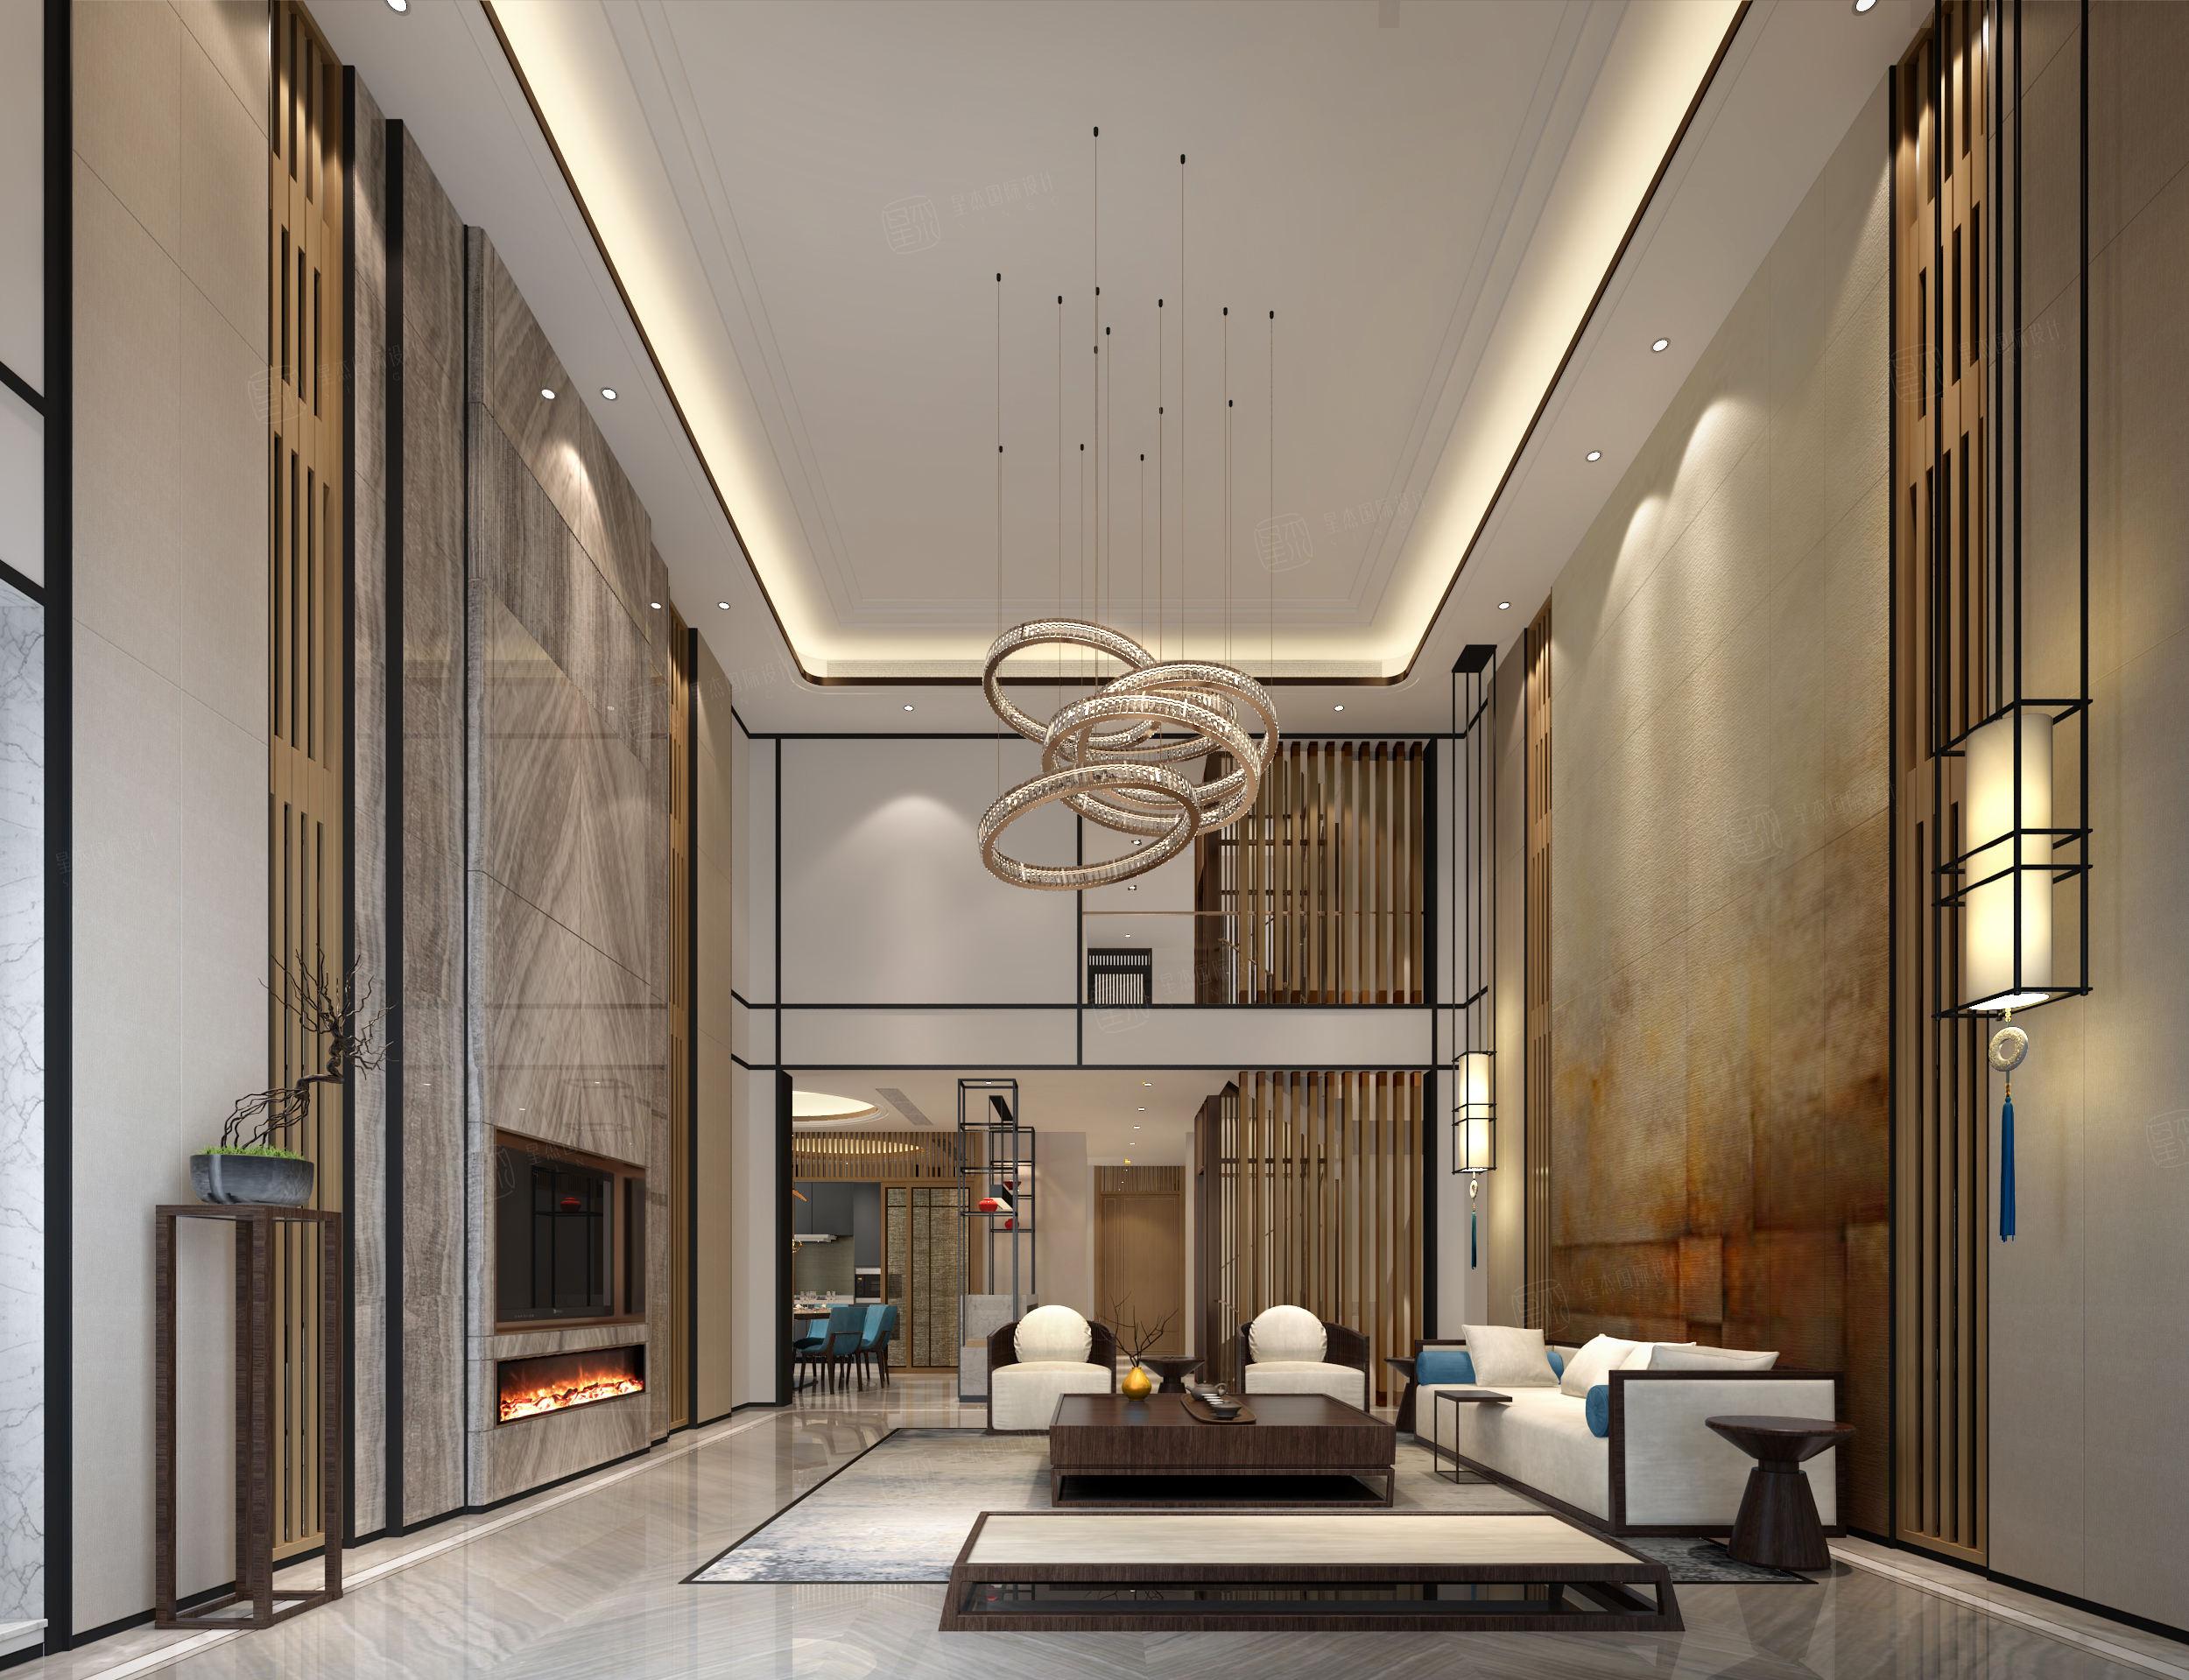 安亭瑞仕华庭 新中式装修客厅效果图